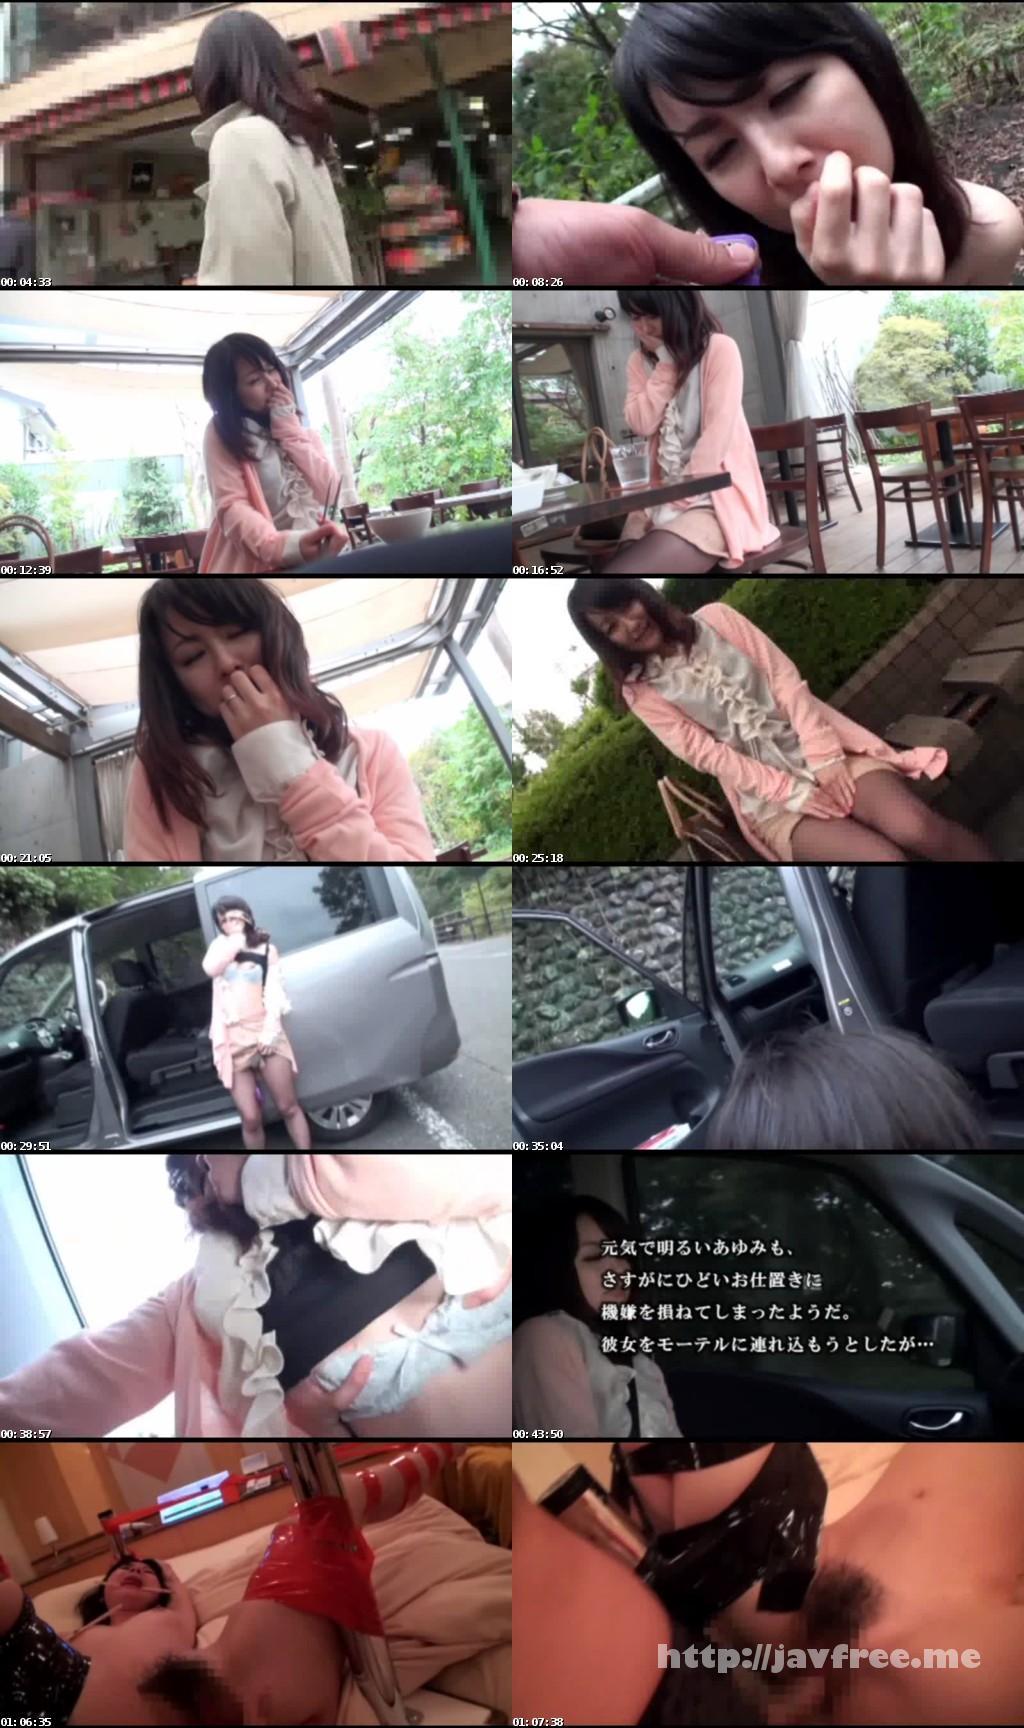 [YAG 077] 露出人妻倶楽部 SP260分 岩佐あゆみ 岩佐あゆみ YAG